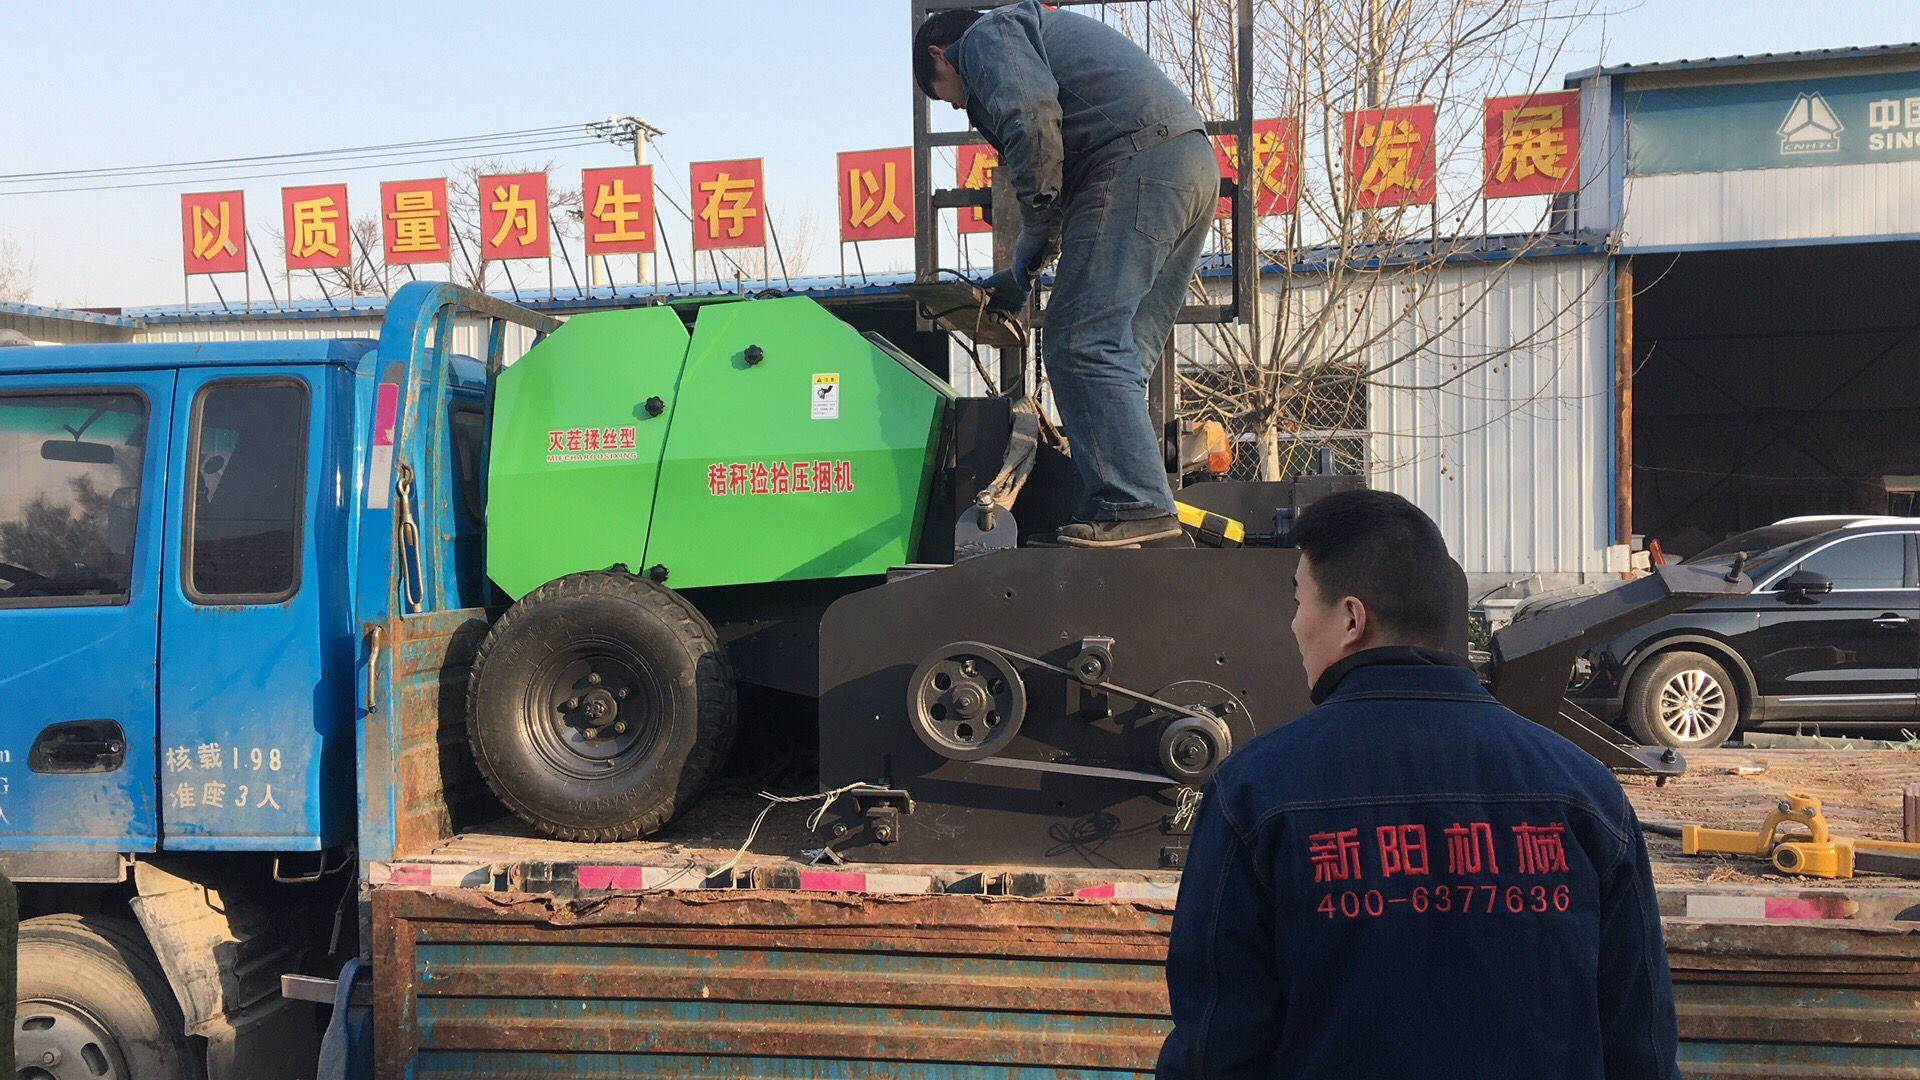 玉米秸秆揉丝打包机生产商-- 曲阜鑫联重工机械制造有限公司